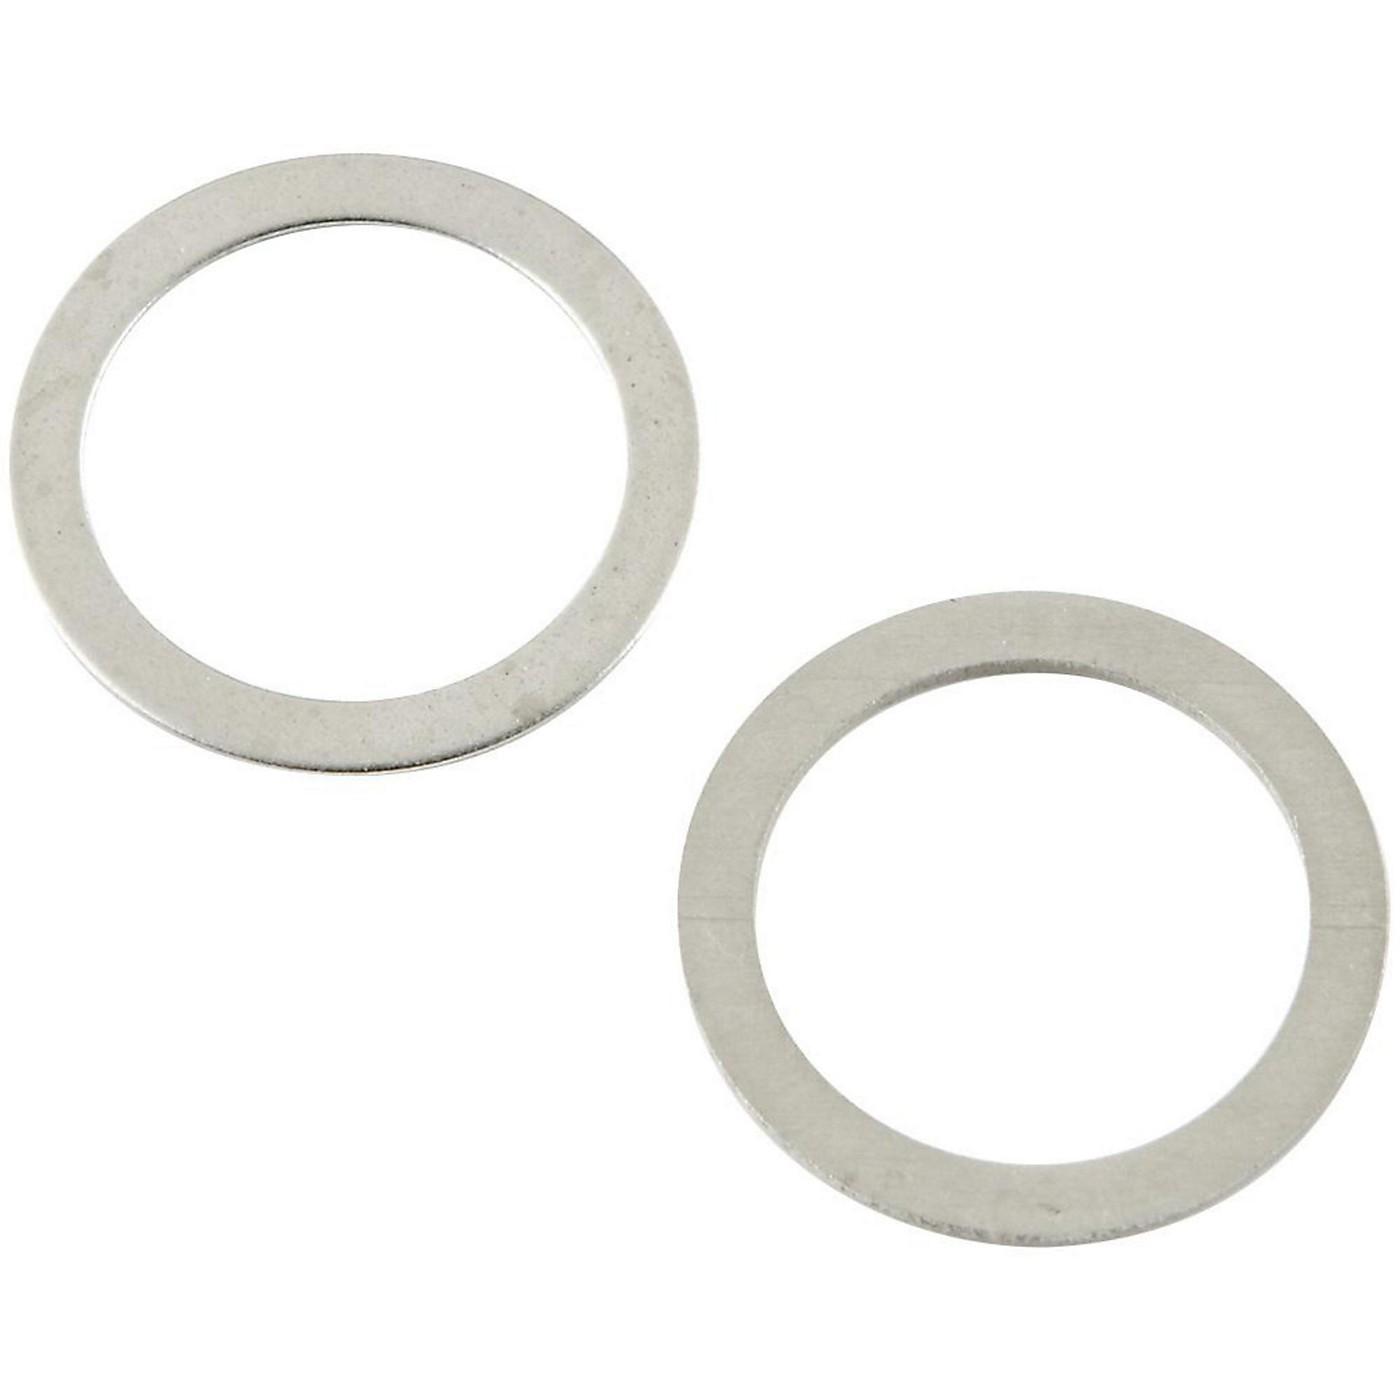 Buffet Crampon Metal Tuning Rings thumbnail